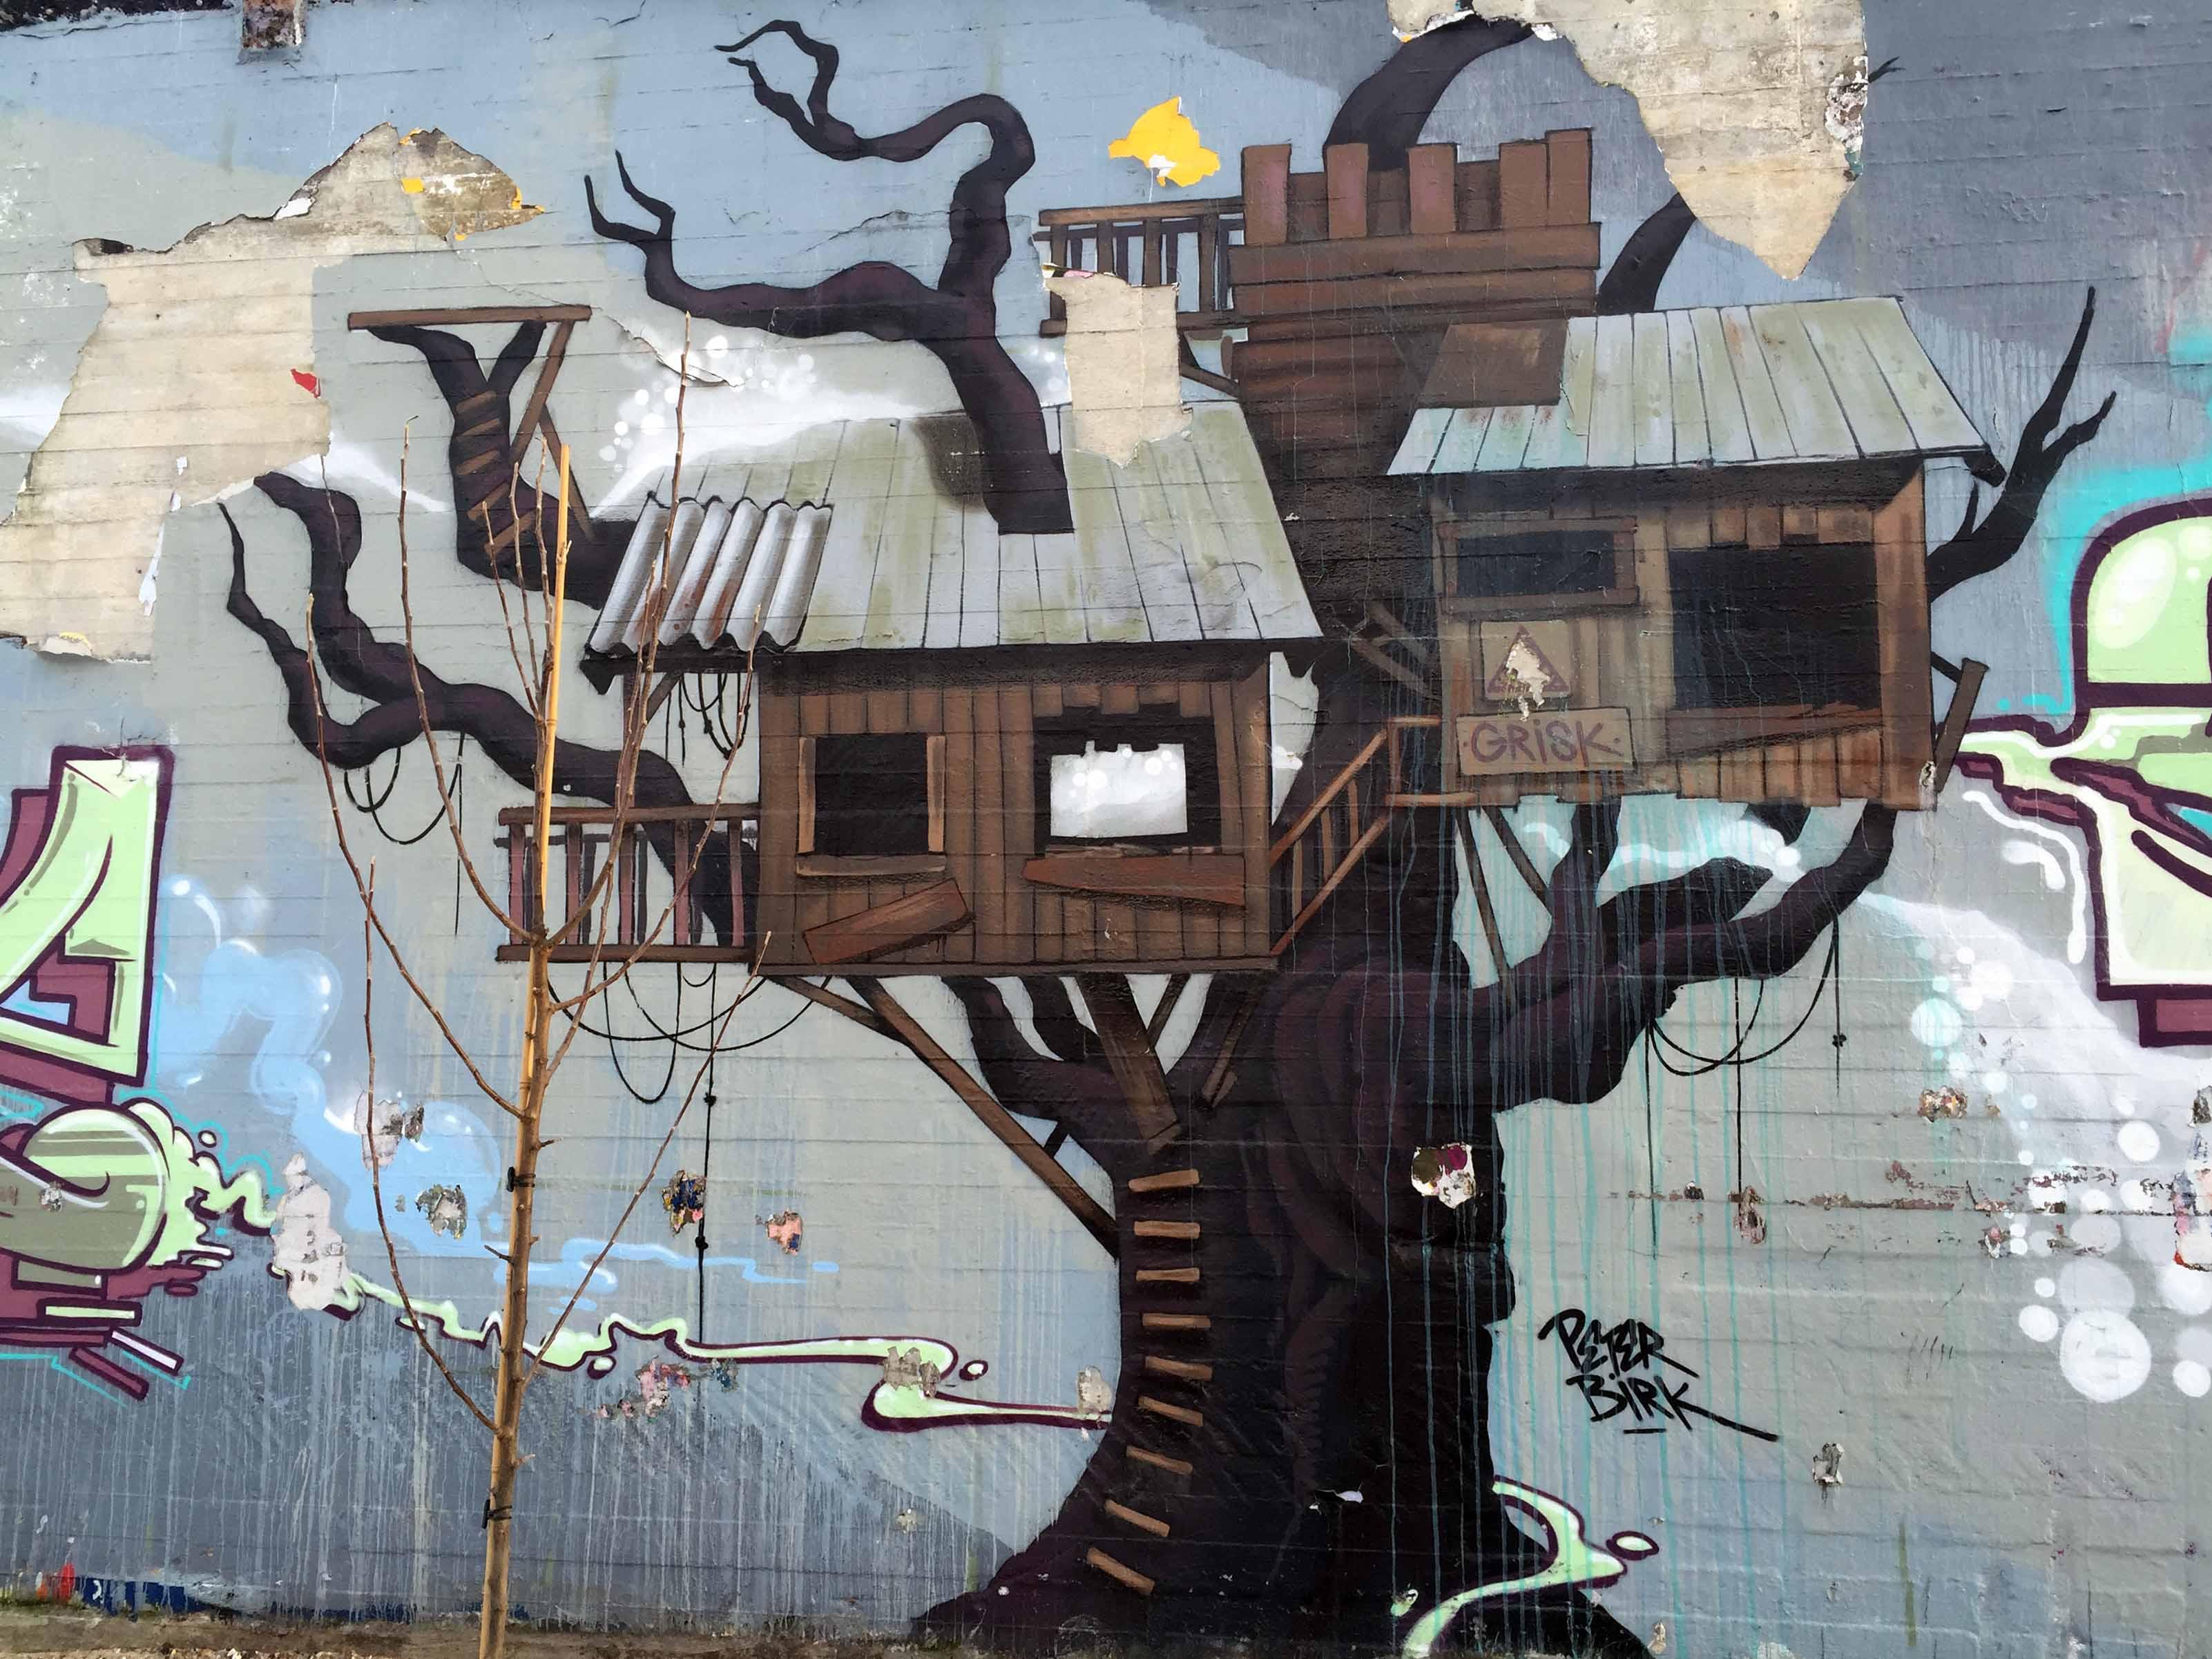 Graffiti wall training - Graffiti_peter_birk_bsann_grisk_full_w2013 Graffiti_peter_birk_tree_grisk_w2013